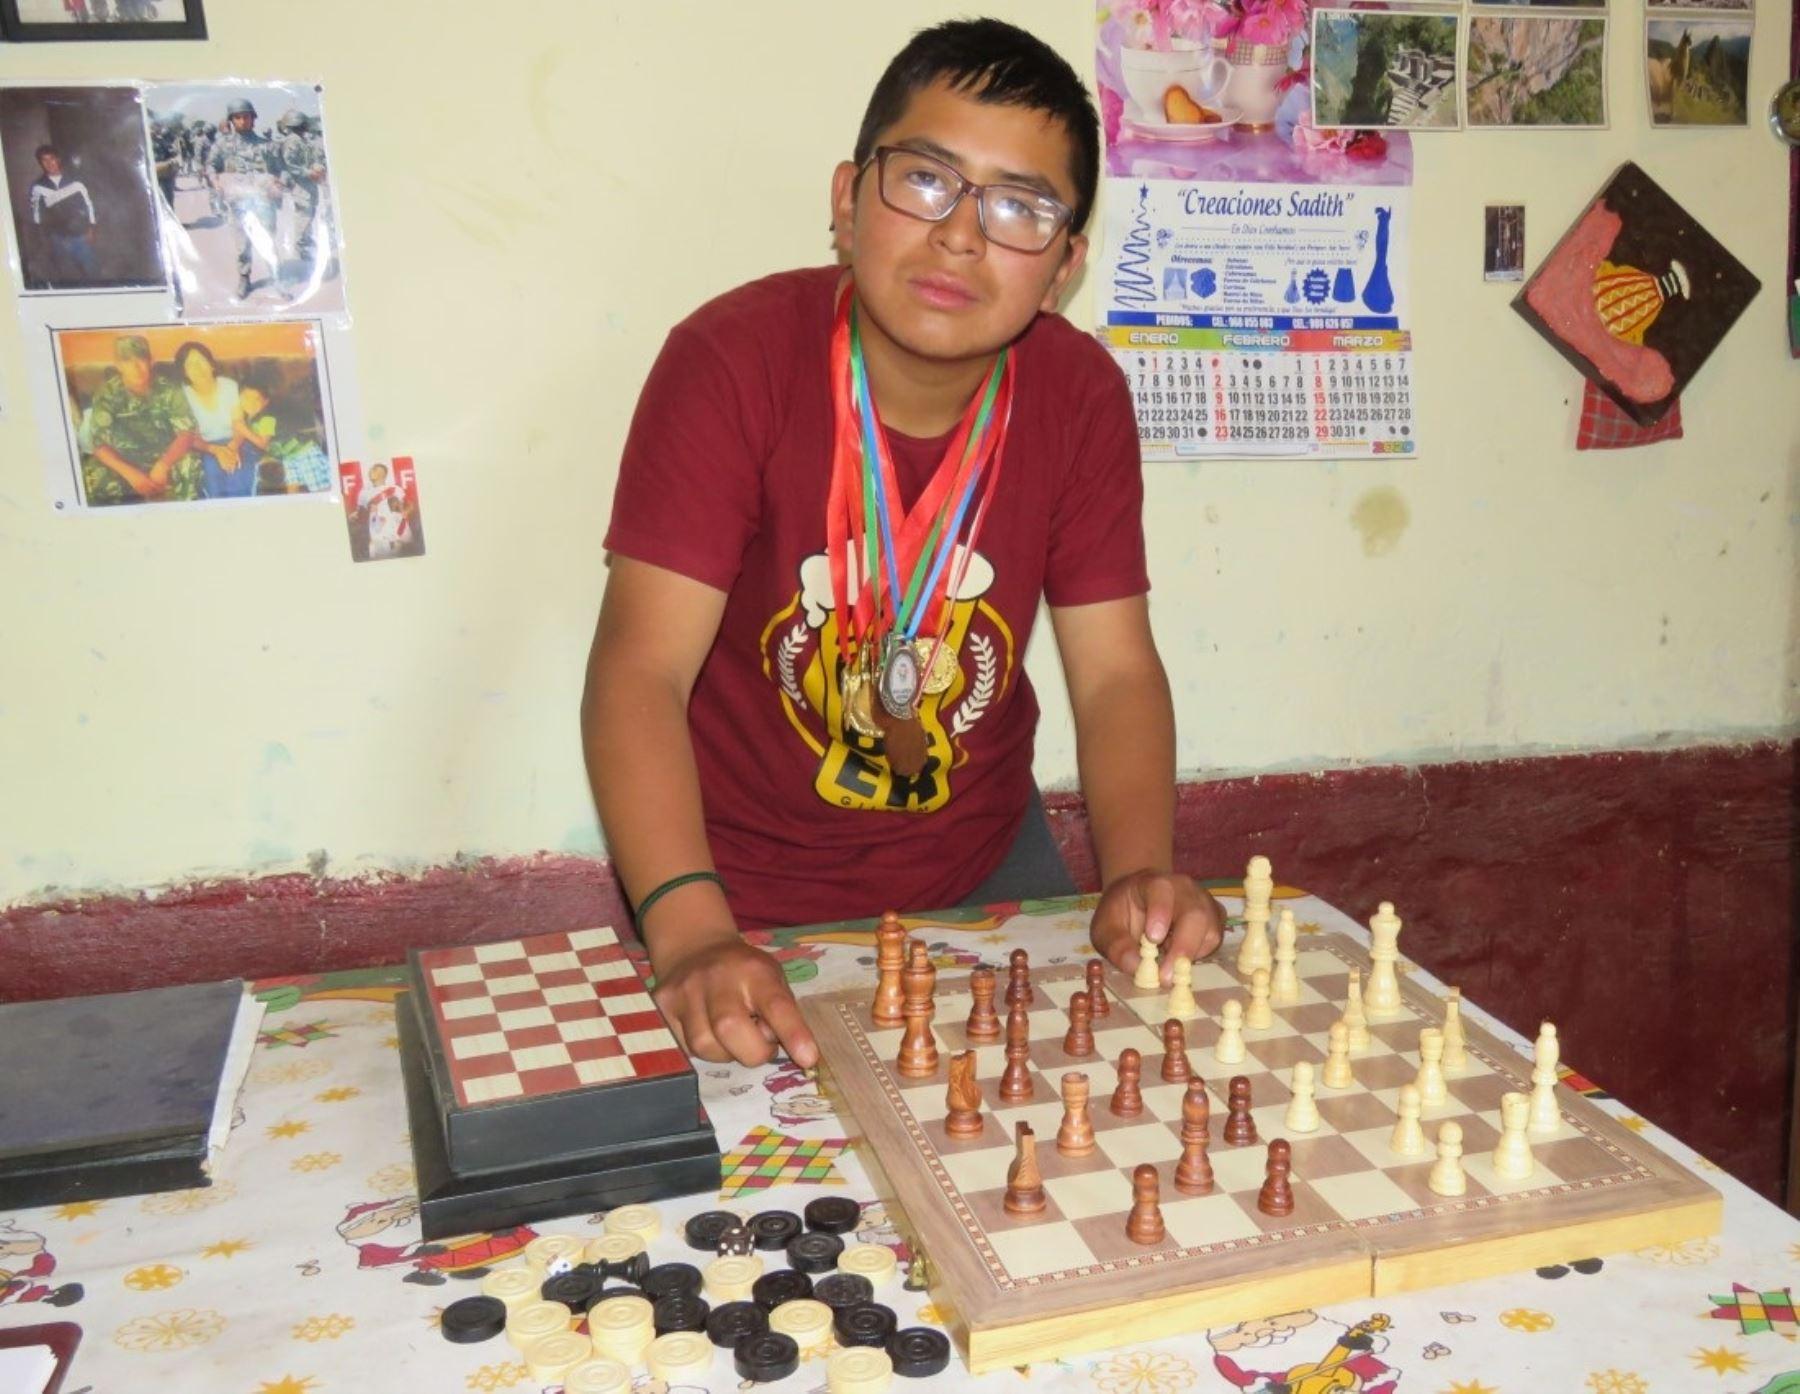 Conoce al joven talento del ajedrez de Cajatambo que sueña con ser campeón mundial